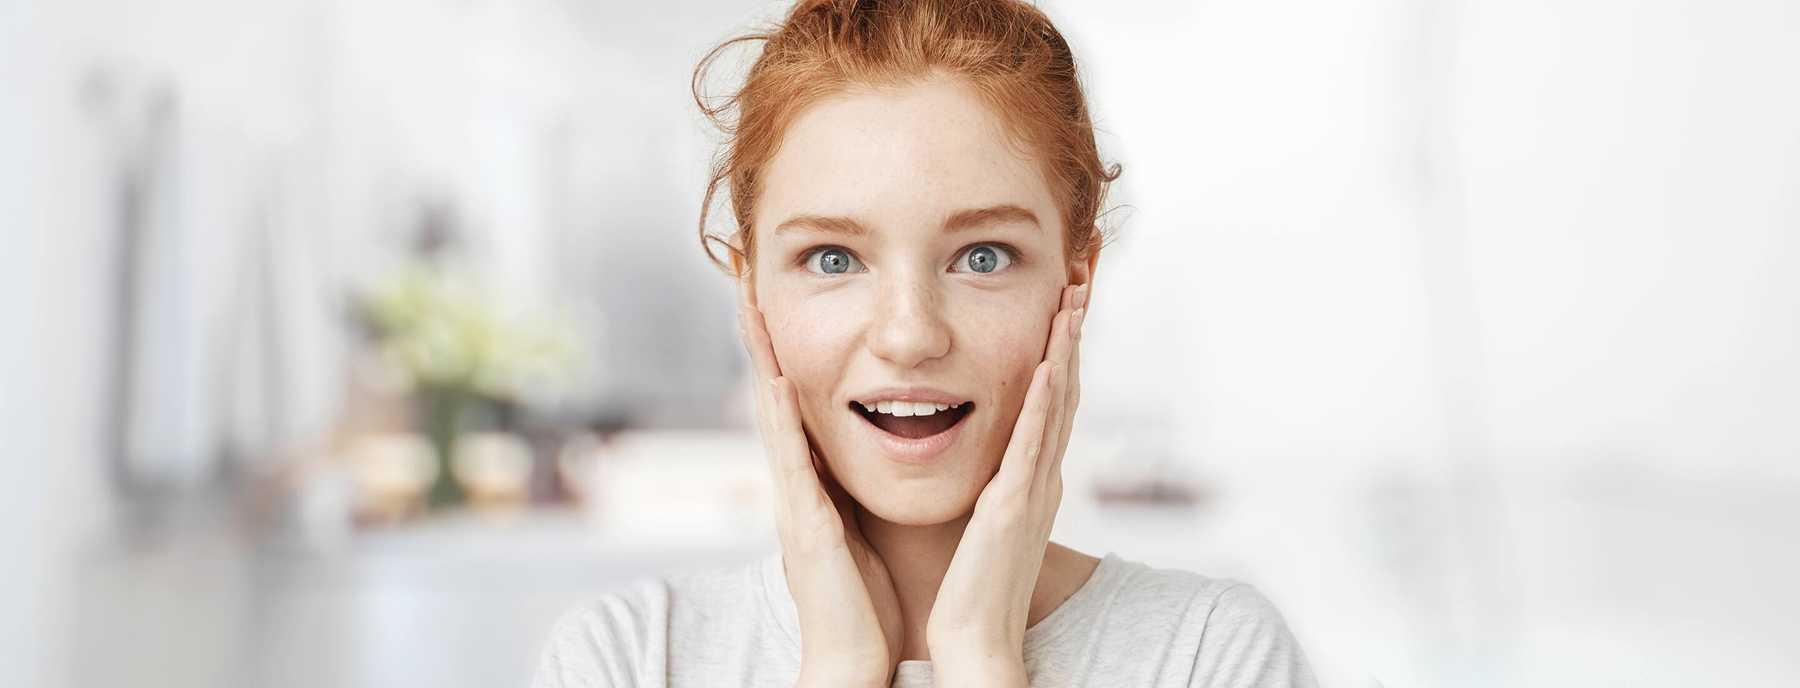 برنامه مراقبت از پوست روزانه و هفتگی برای انواع پوست